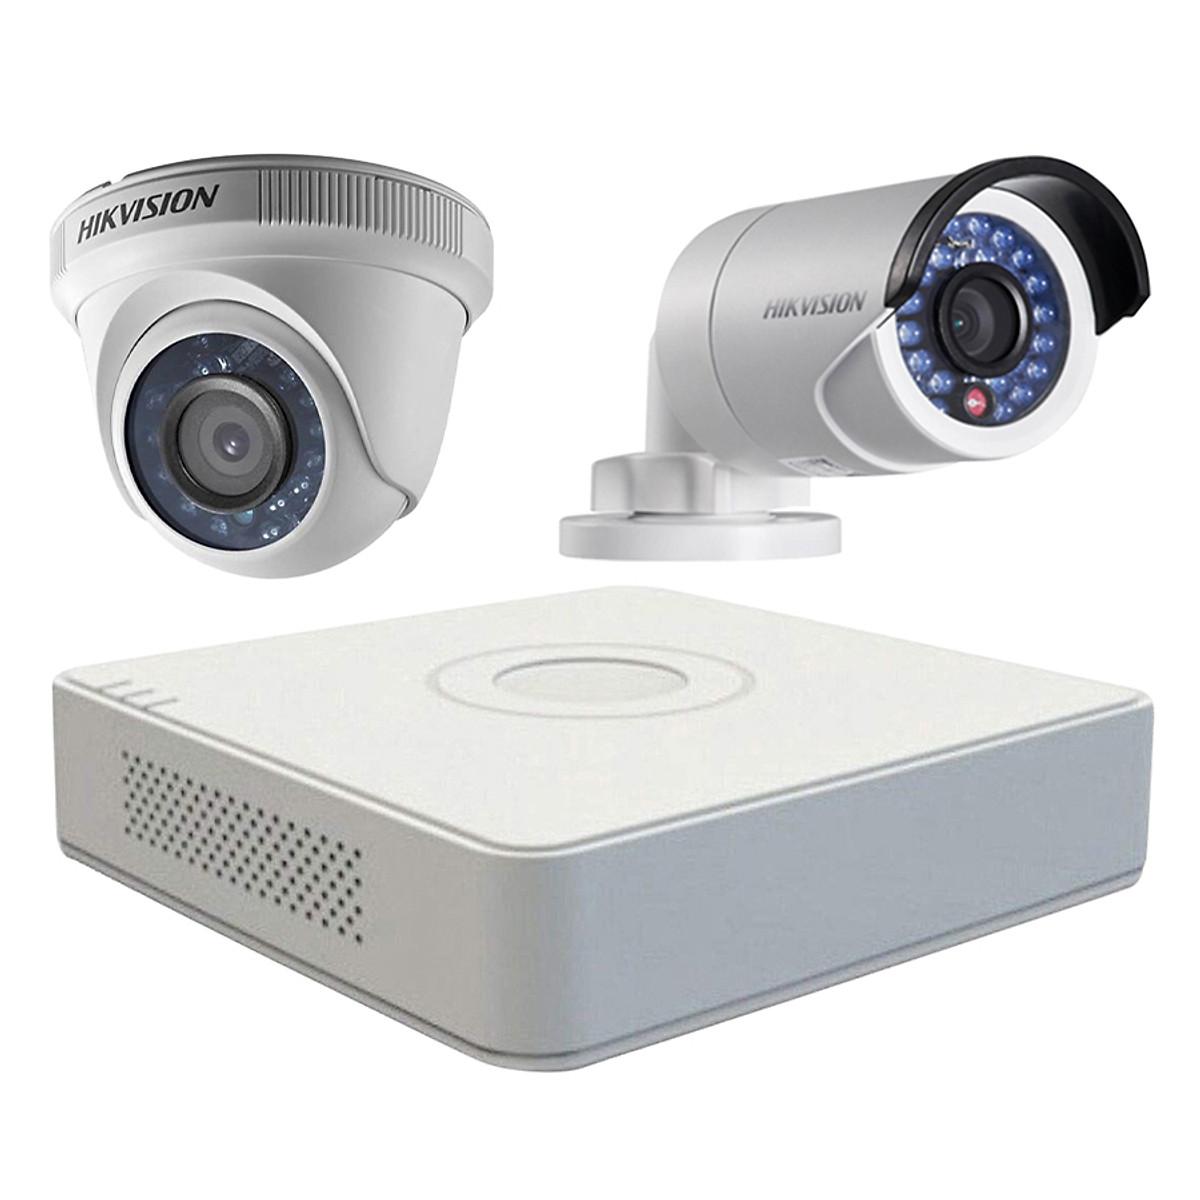 Trọn bộ 2 Camera giám sát HIKVISION TVI 2 Megapixel DS-2CE56D0T-IR chuẩn Full HD – Hàng chính hãng